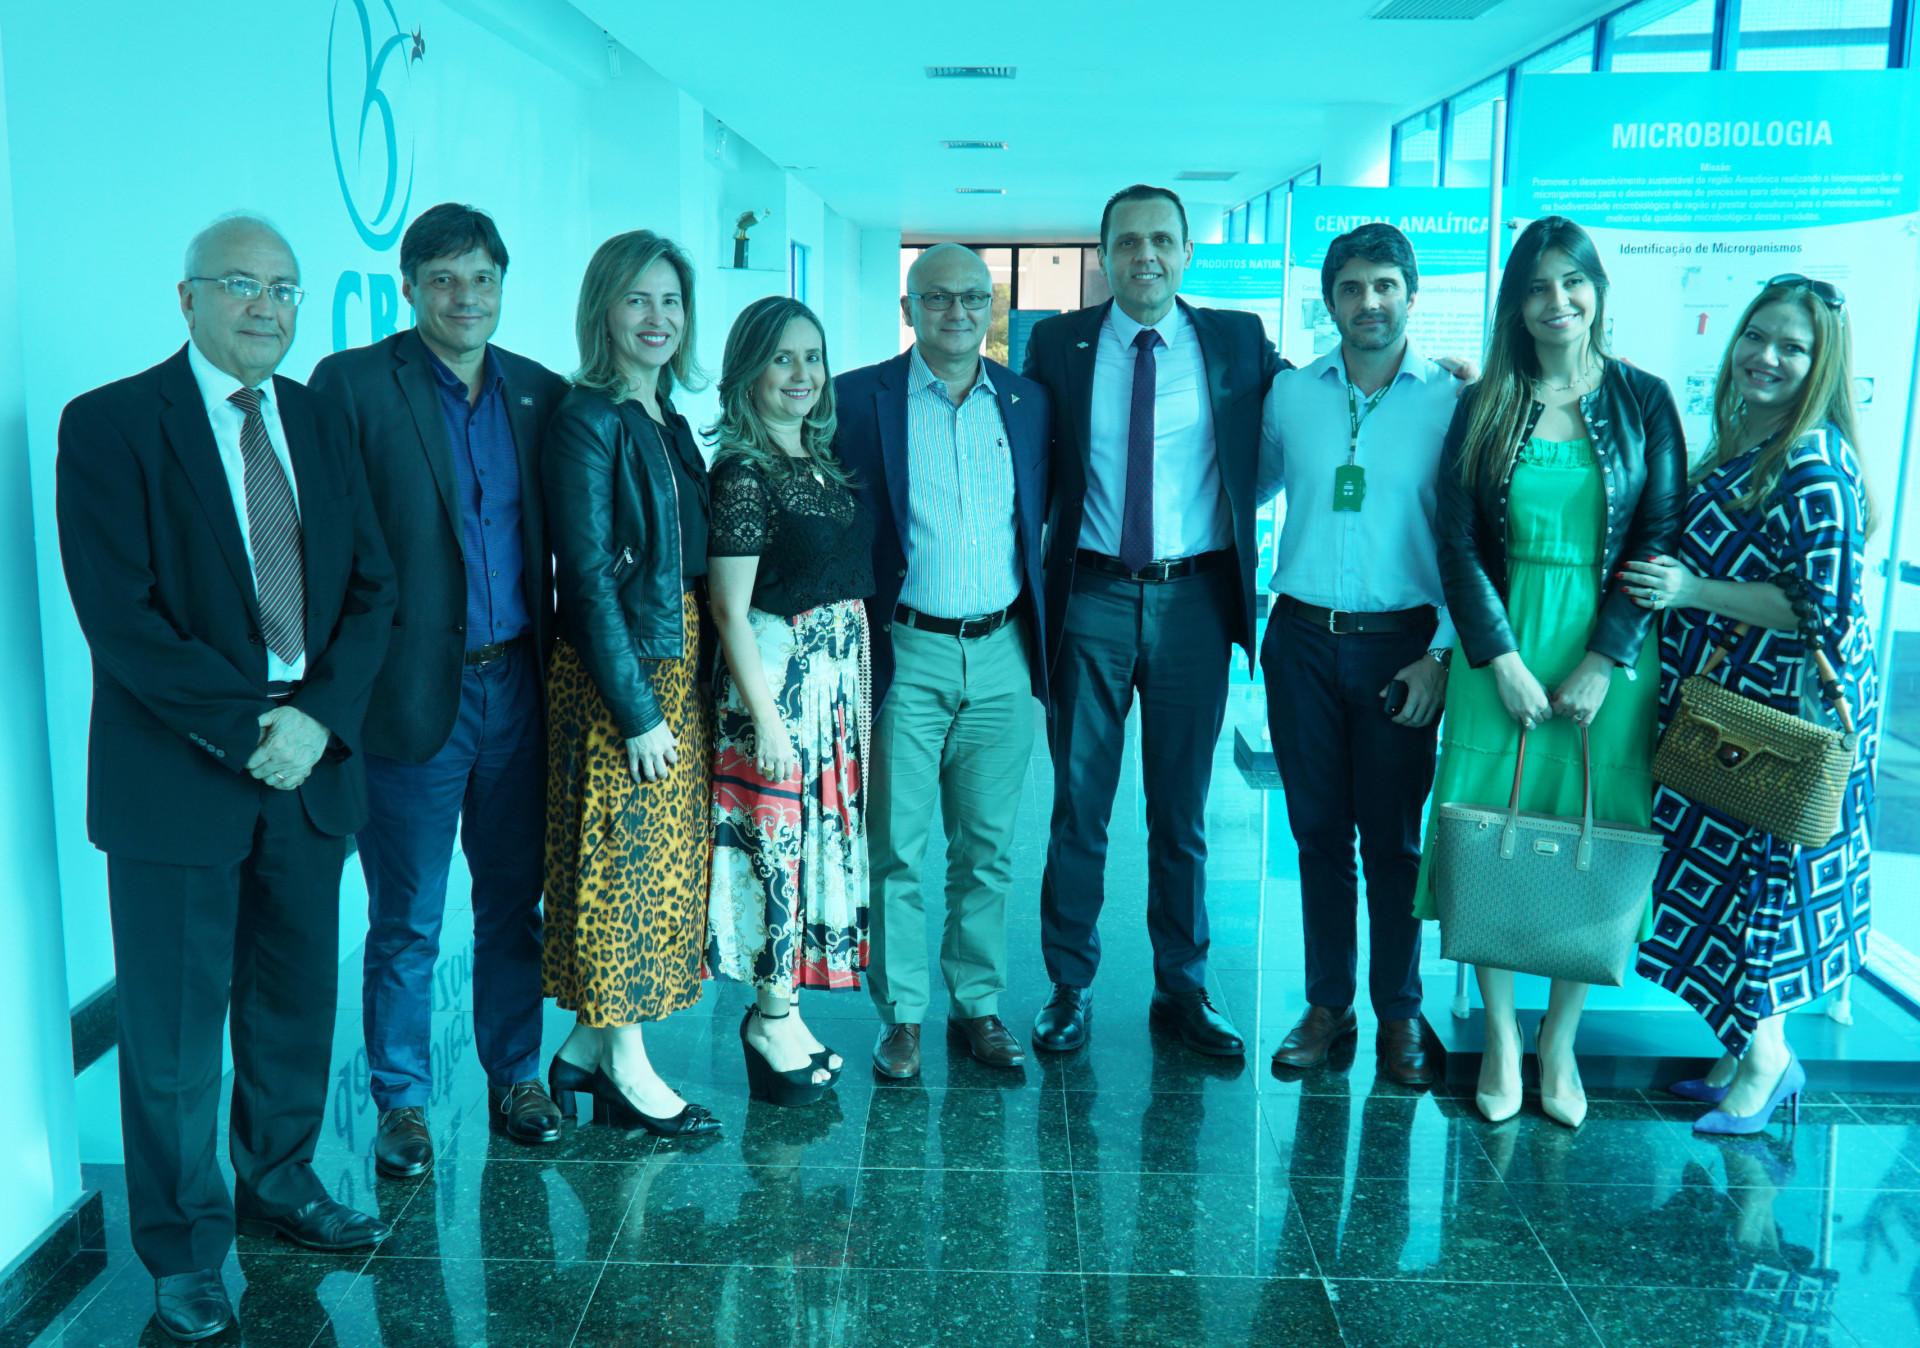 Visita às instalações e apresentação sobre o Centro de Biotecnologia da Amazônia (CBA)